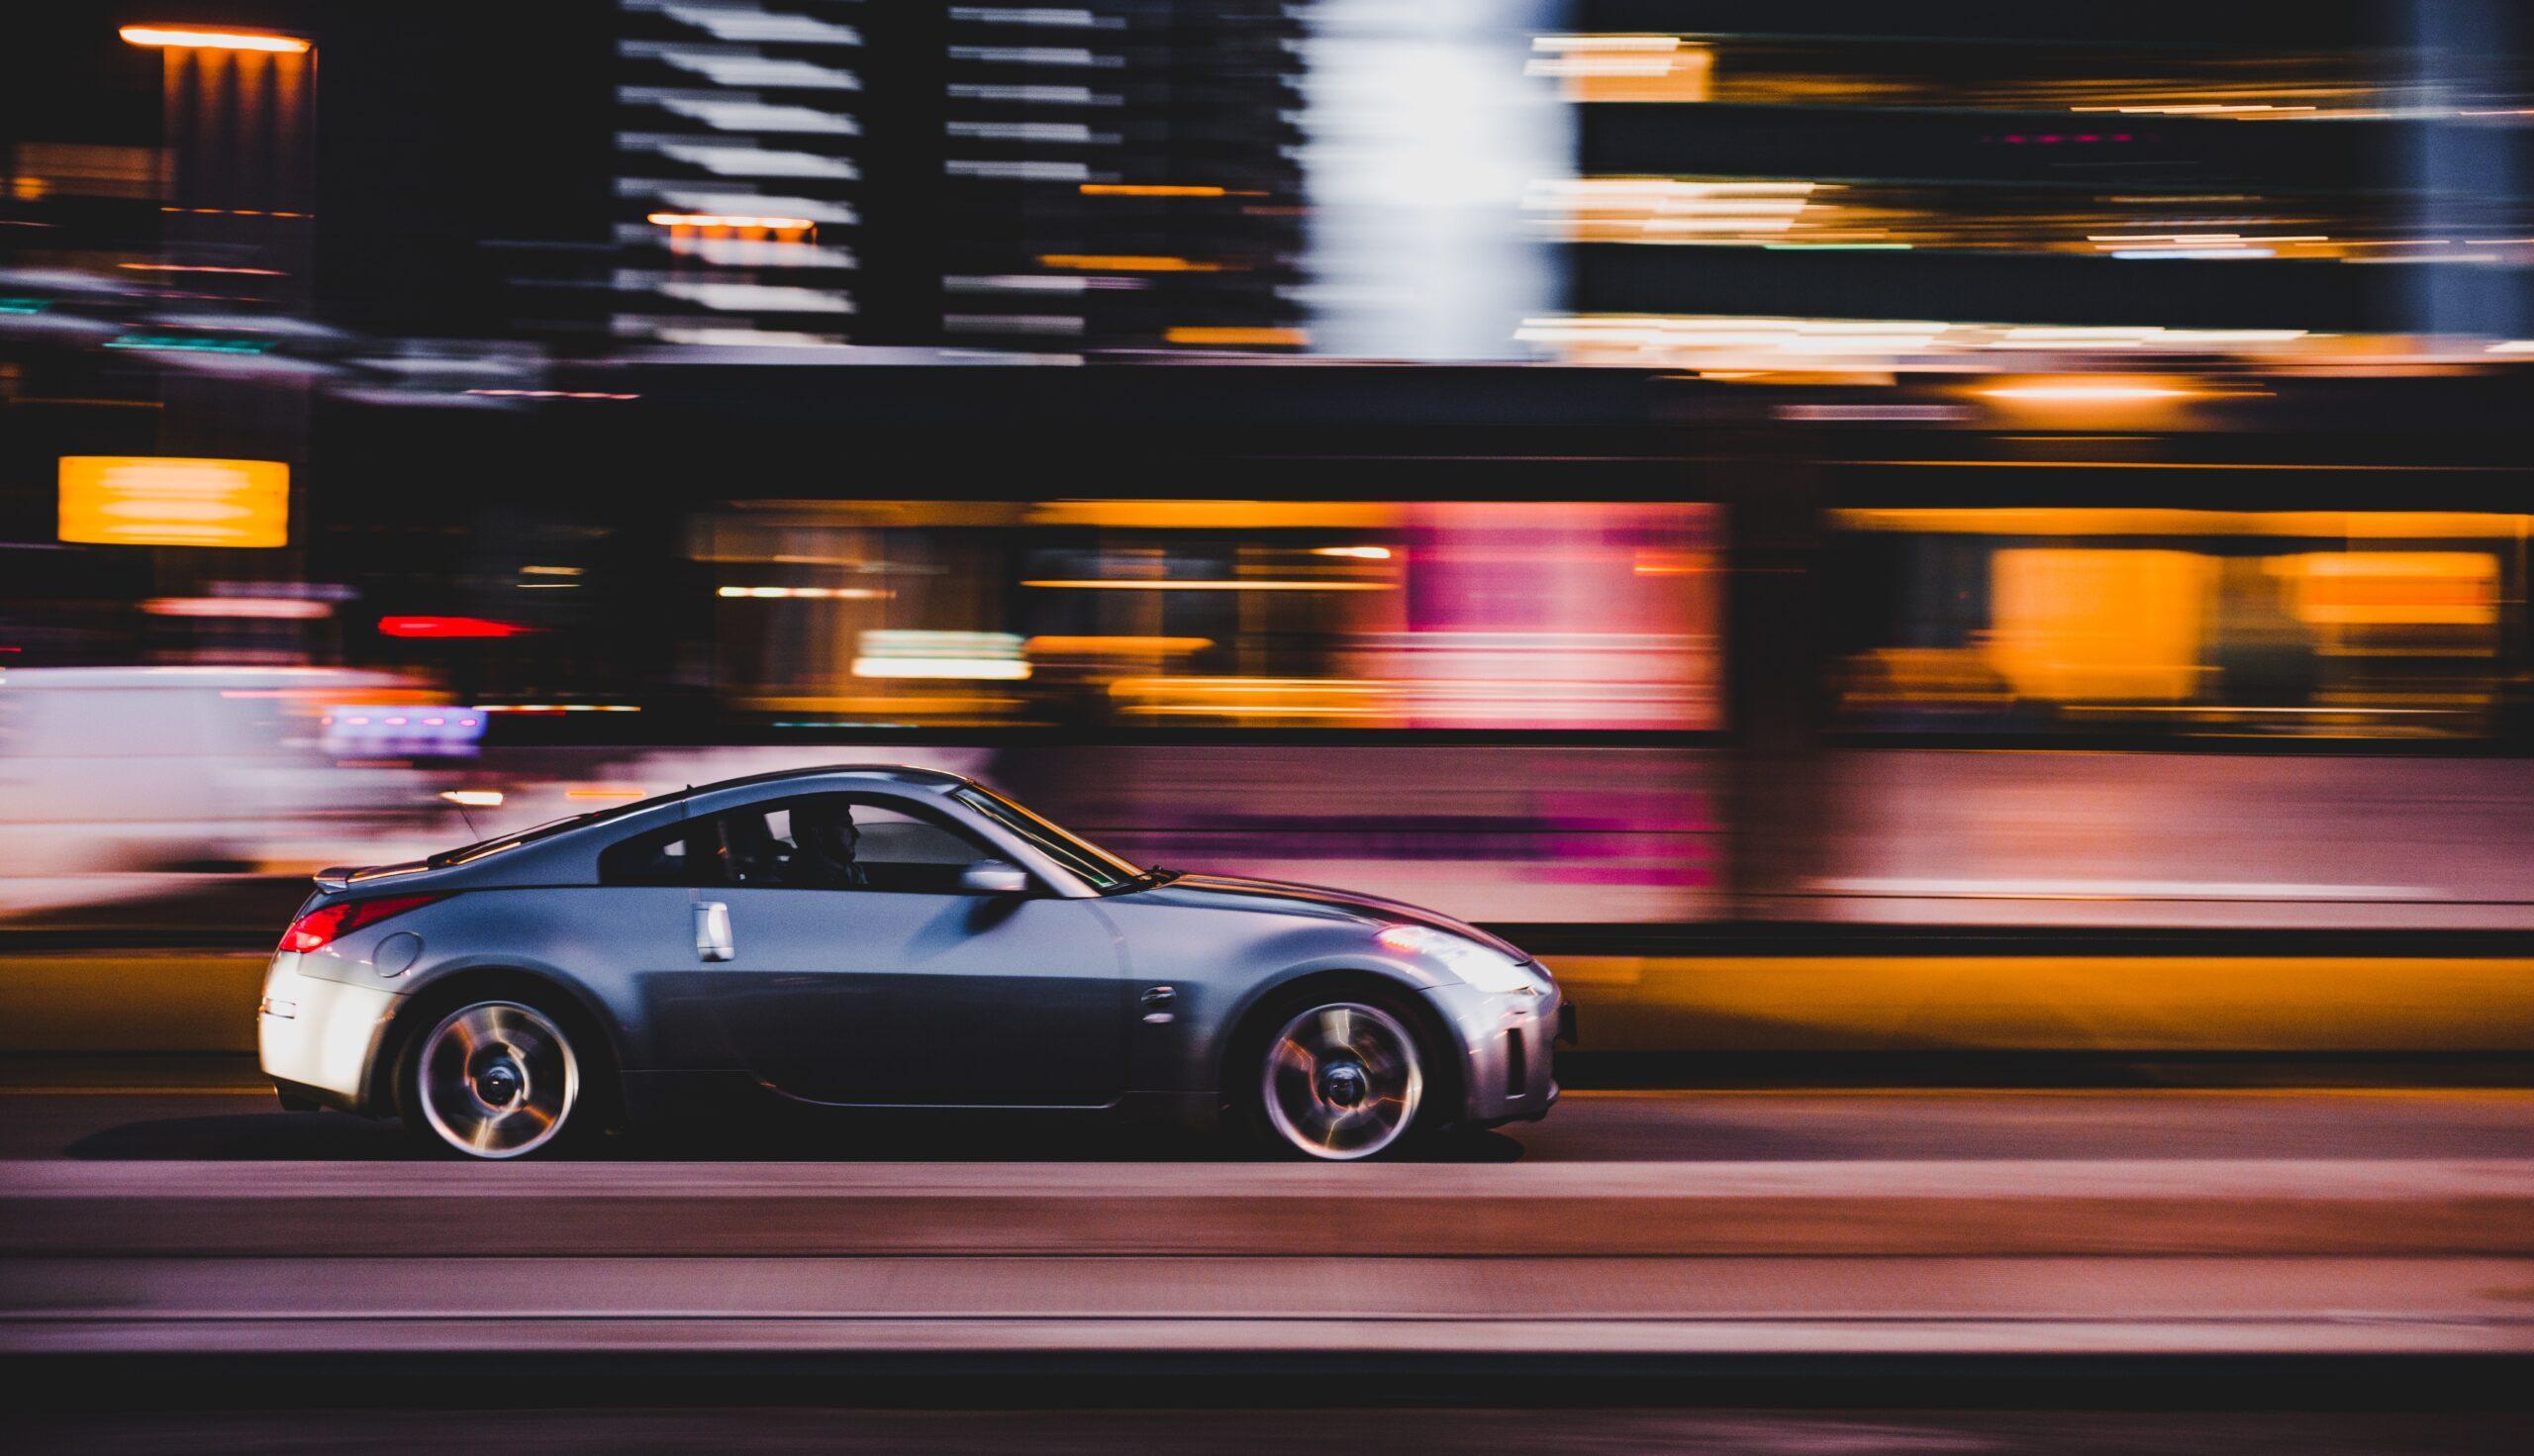 Czy można legalnie przekroczyć dopuszczalną prędkość?